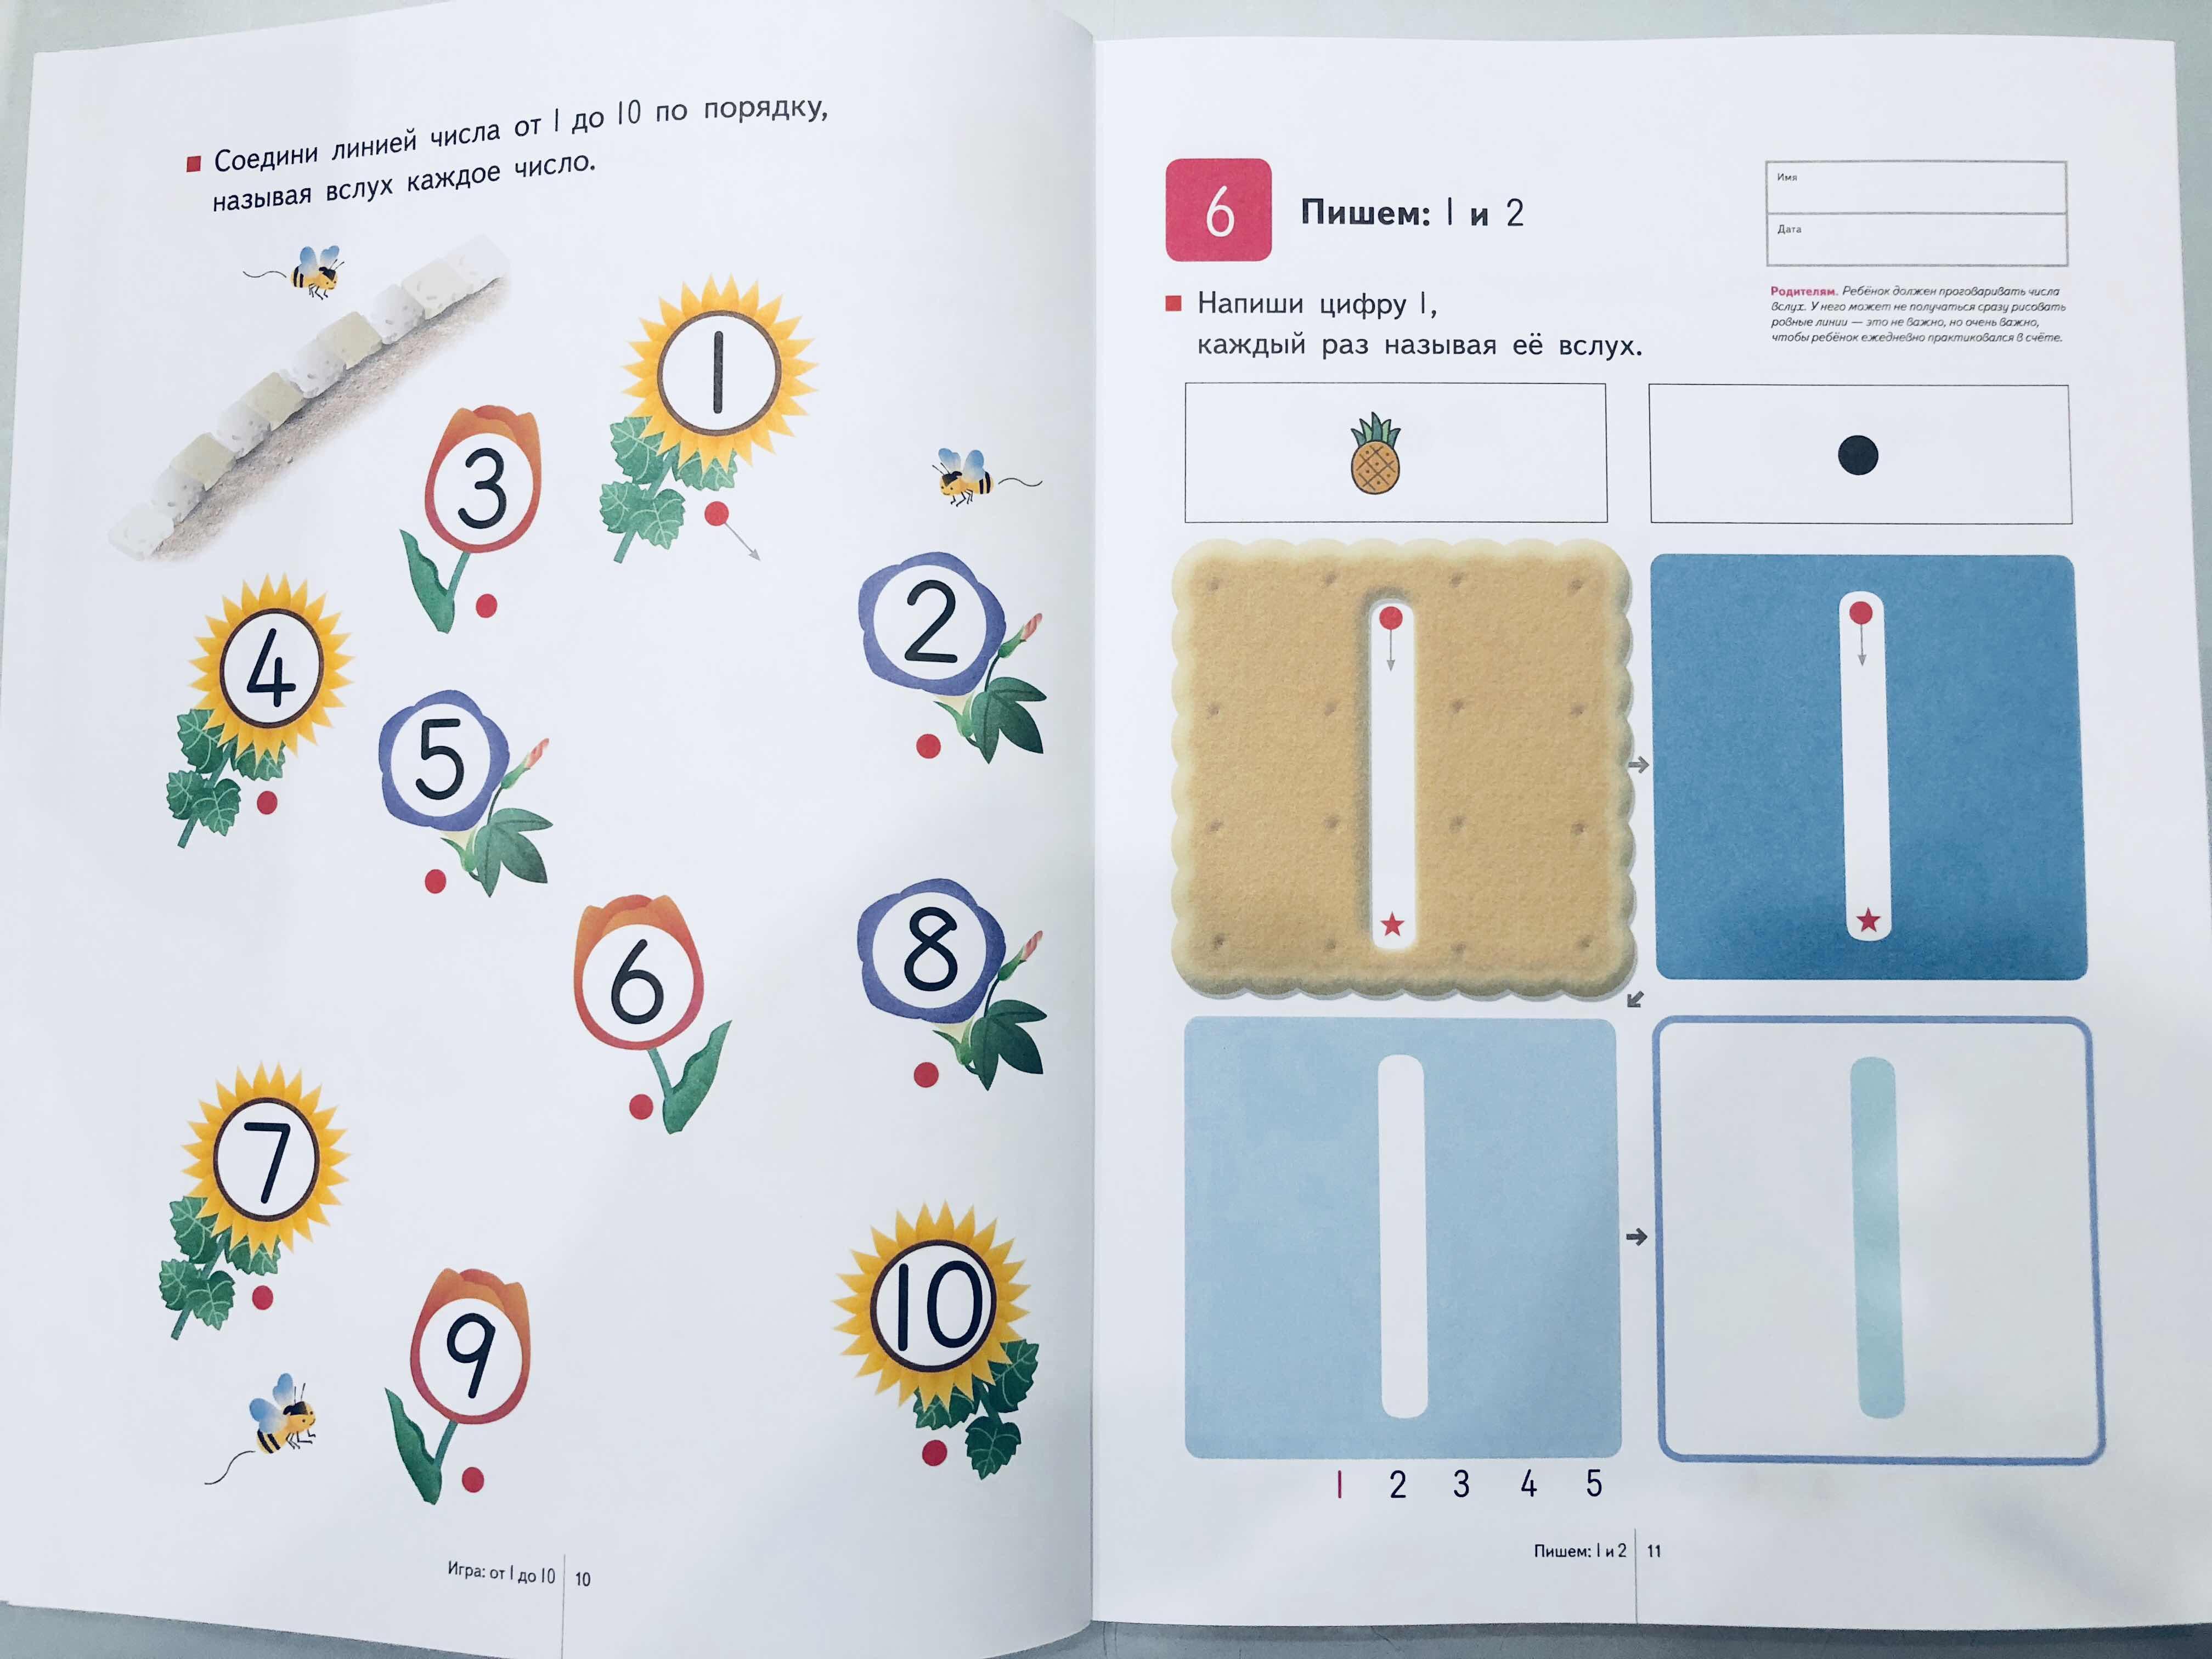 Начинаем учиться считать. Изучаем счет от 1 до 30. 6